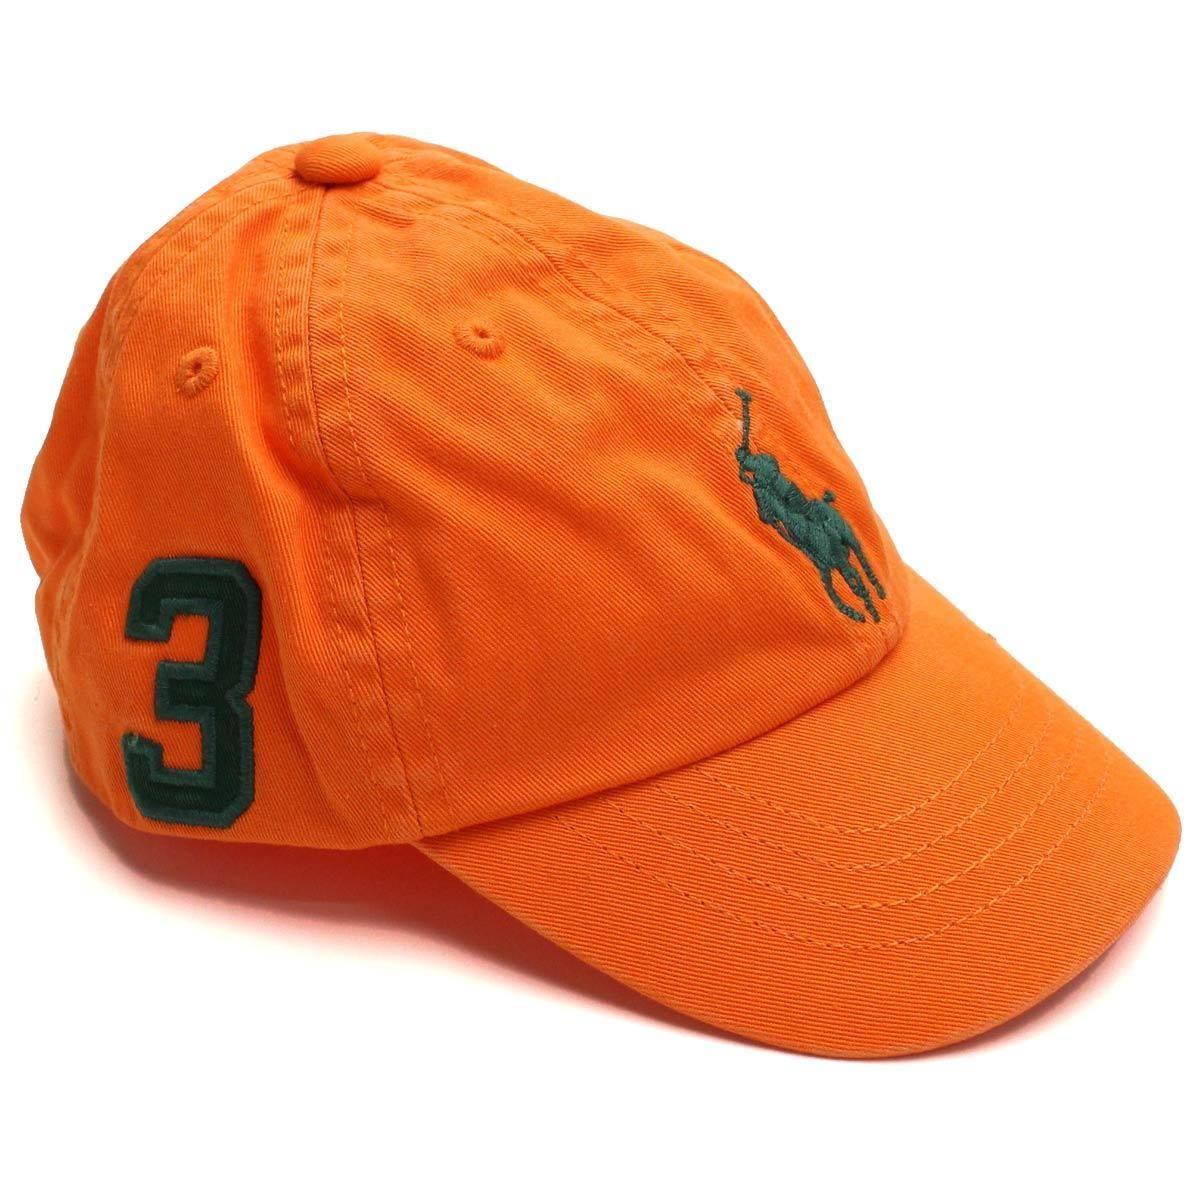 ラルフローレン(RALPH LAUREN) ベビー用帽子